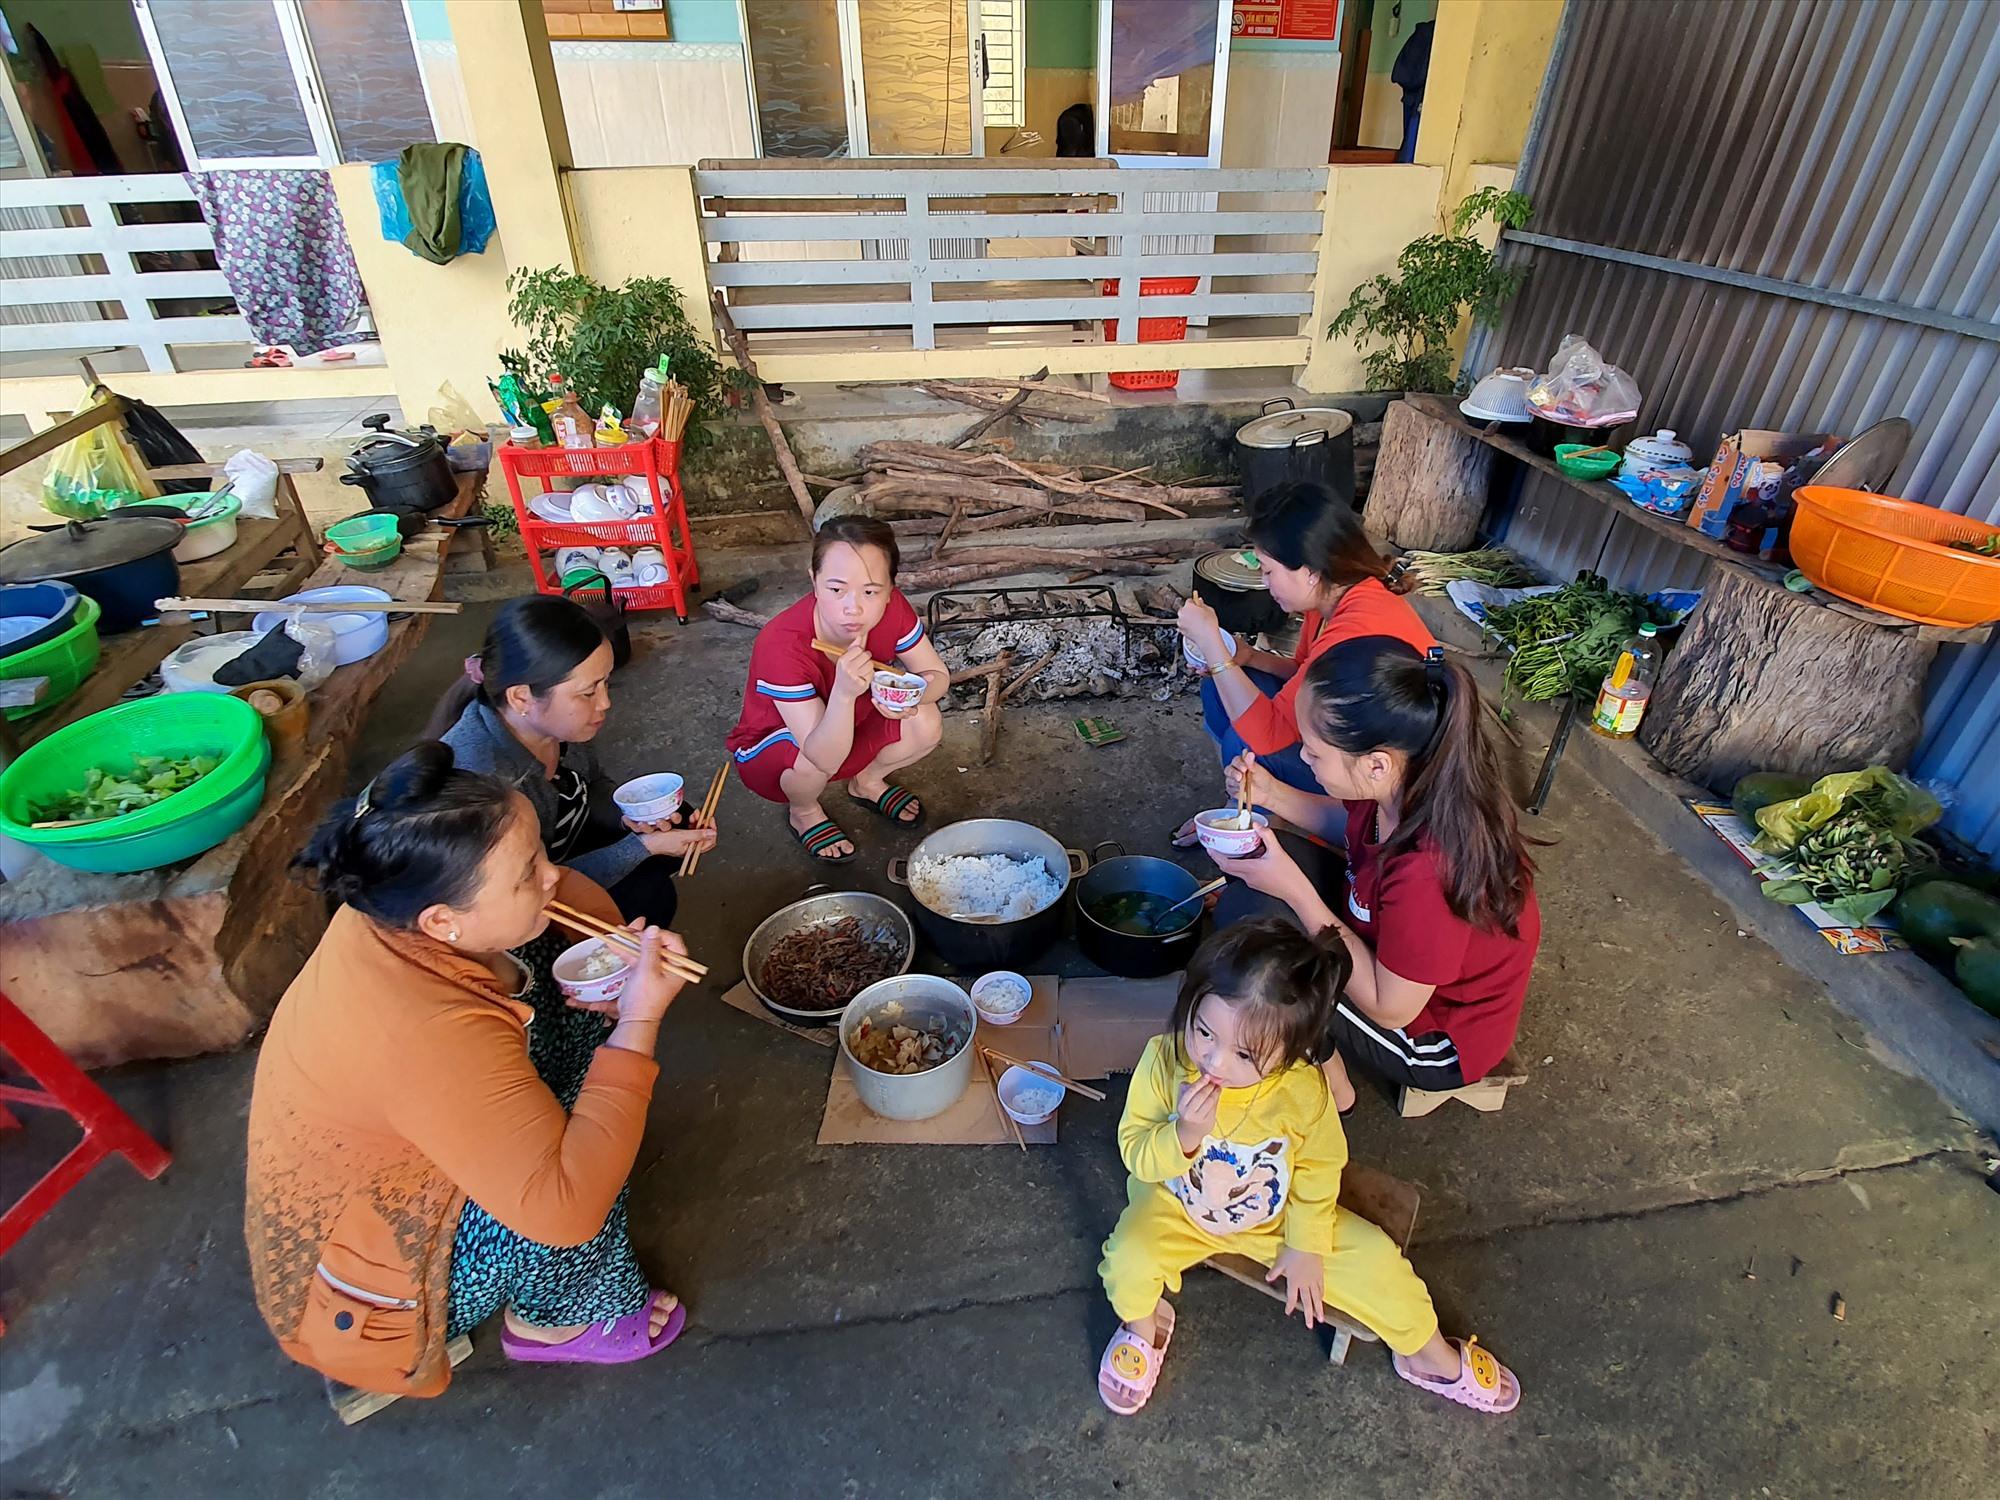 Bữa cơm trưa của những người phụ nữ ở trạm y tế xã Phước Thành. Chồng con của họ đã đi nhận hàng cứu trợ. Ảnh: T.C